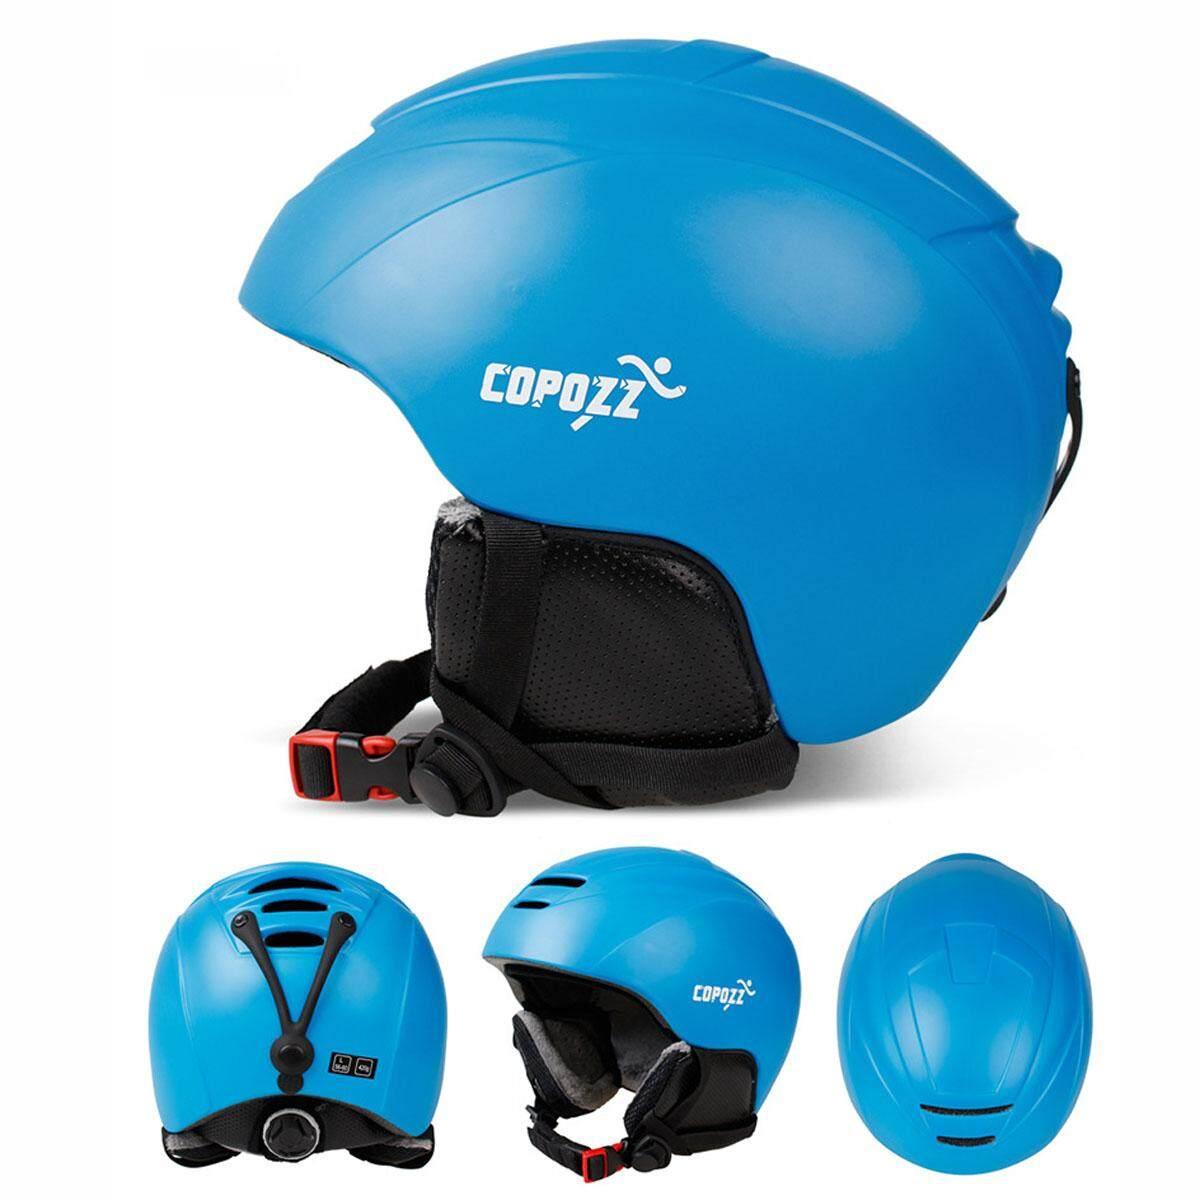 Copozz Ski Helmet Integrally-Molded Snowboard Helmet Men Women Skating Skateboard Skiing Helmet (blue).